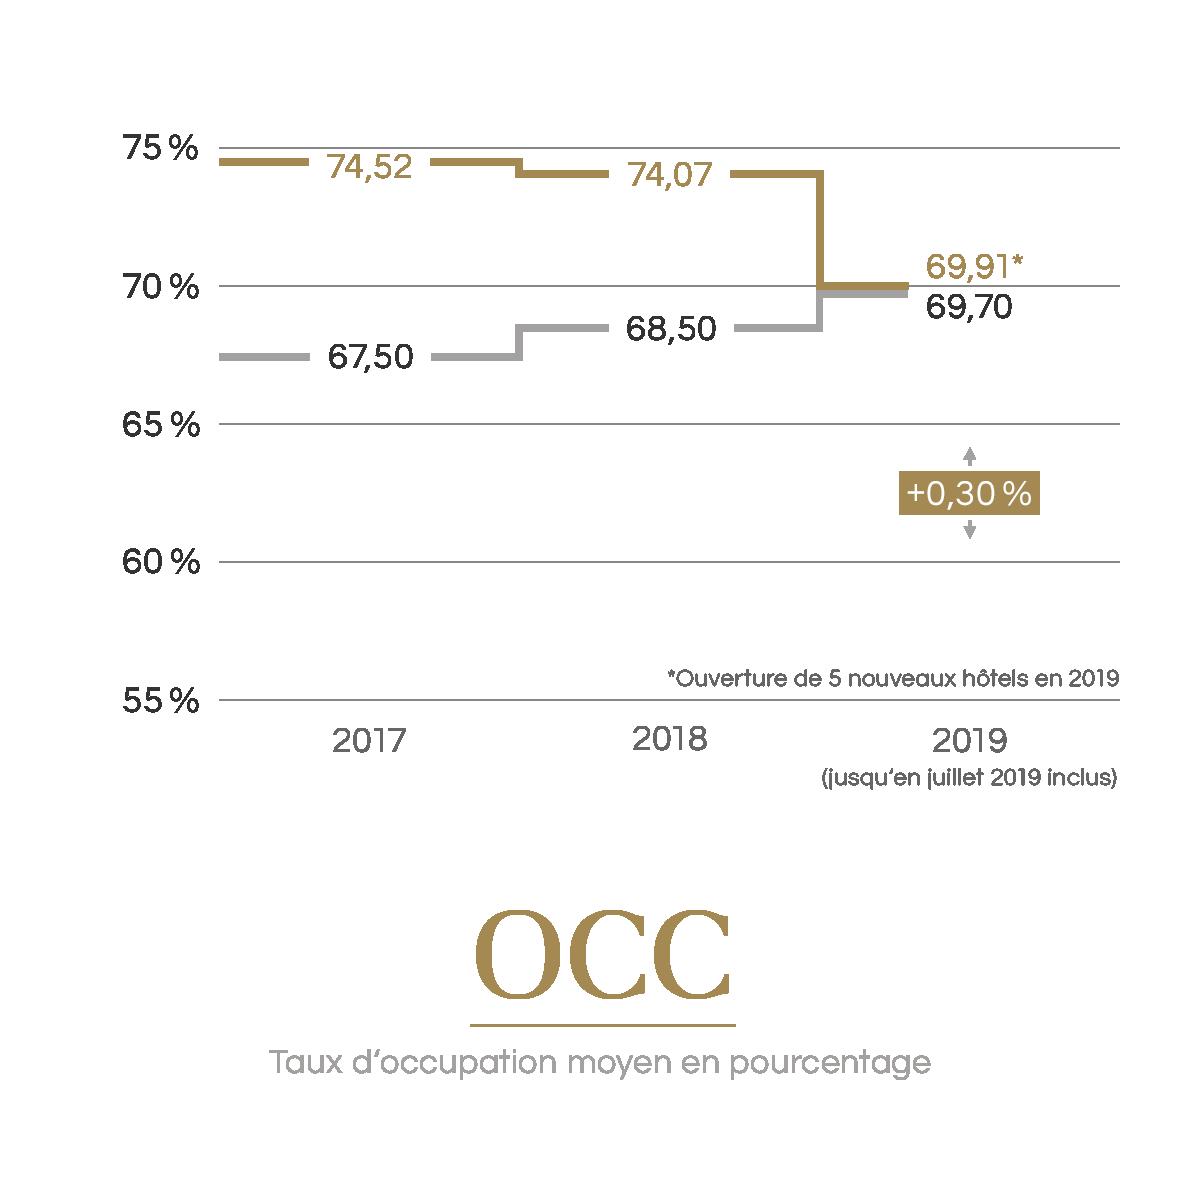 OCC | Taux d'occupation moyen en pourcentage